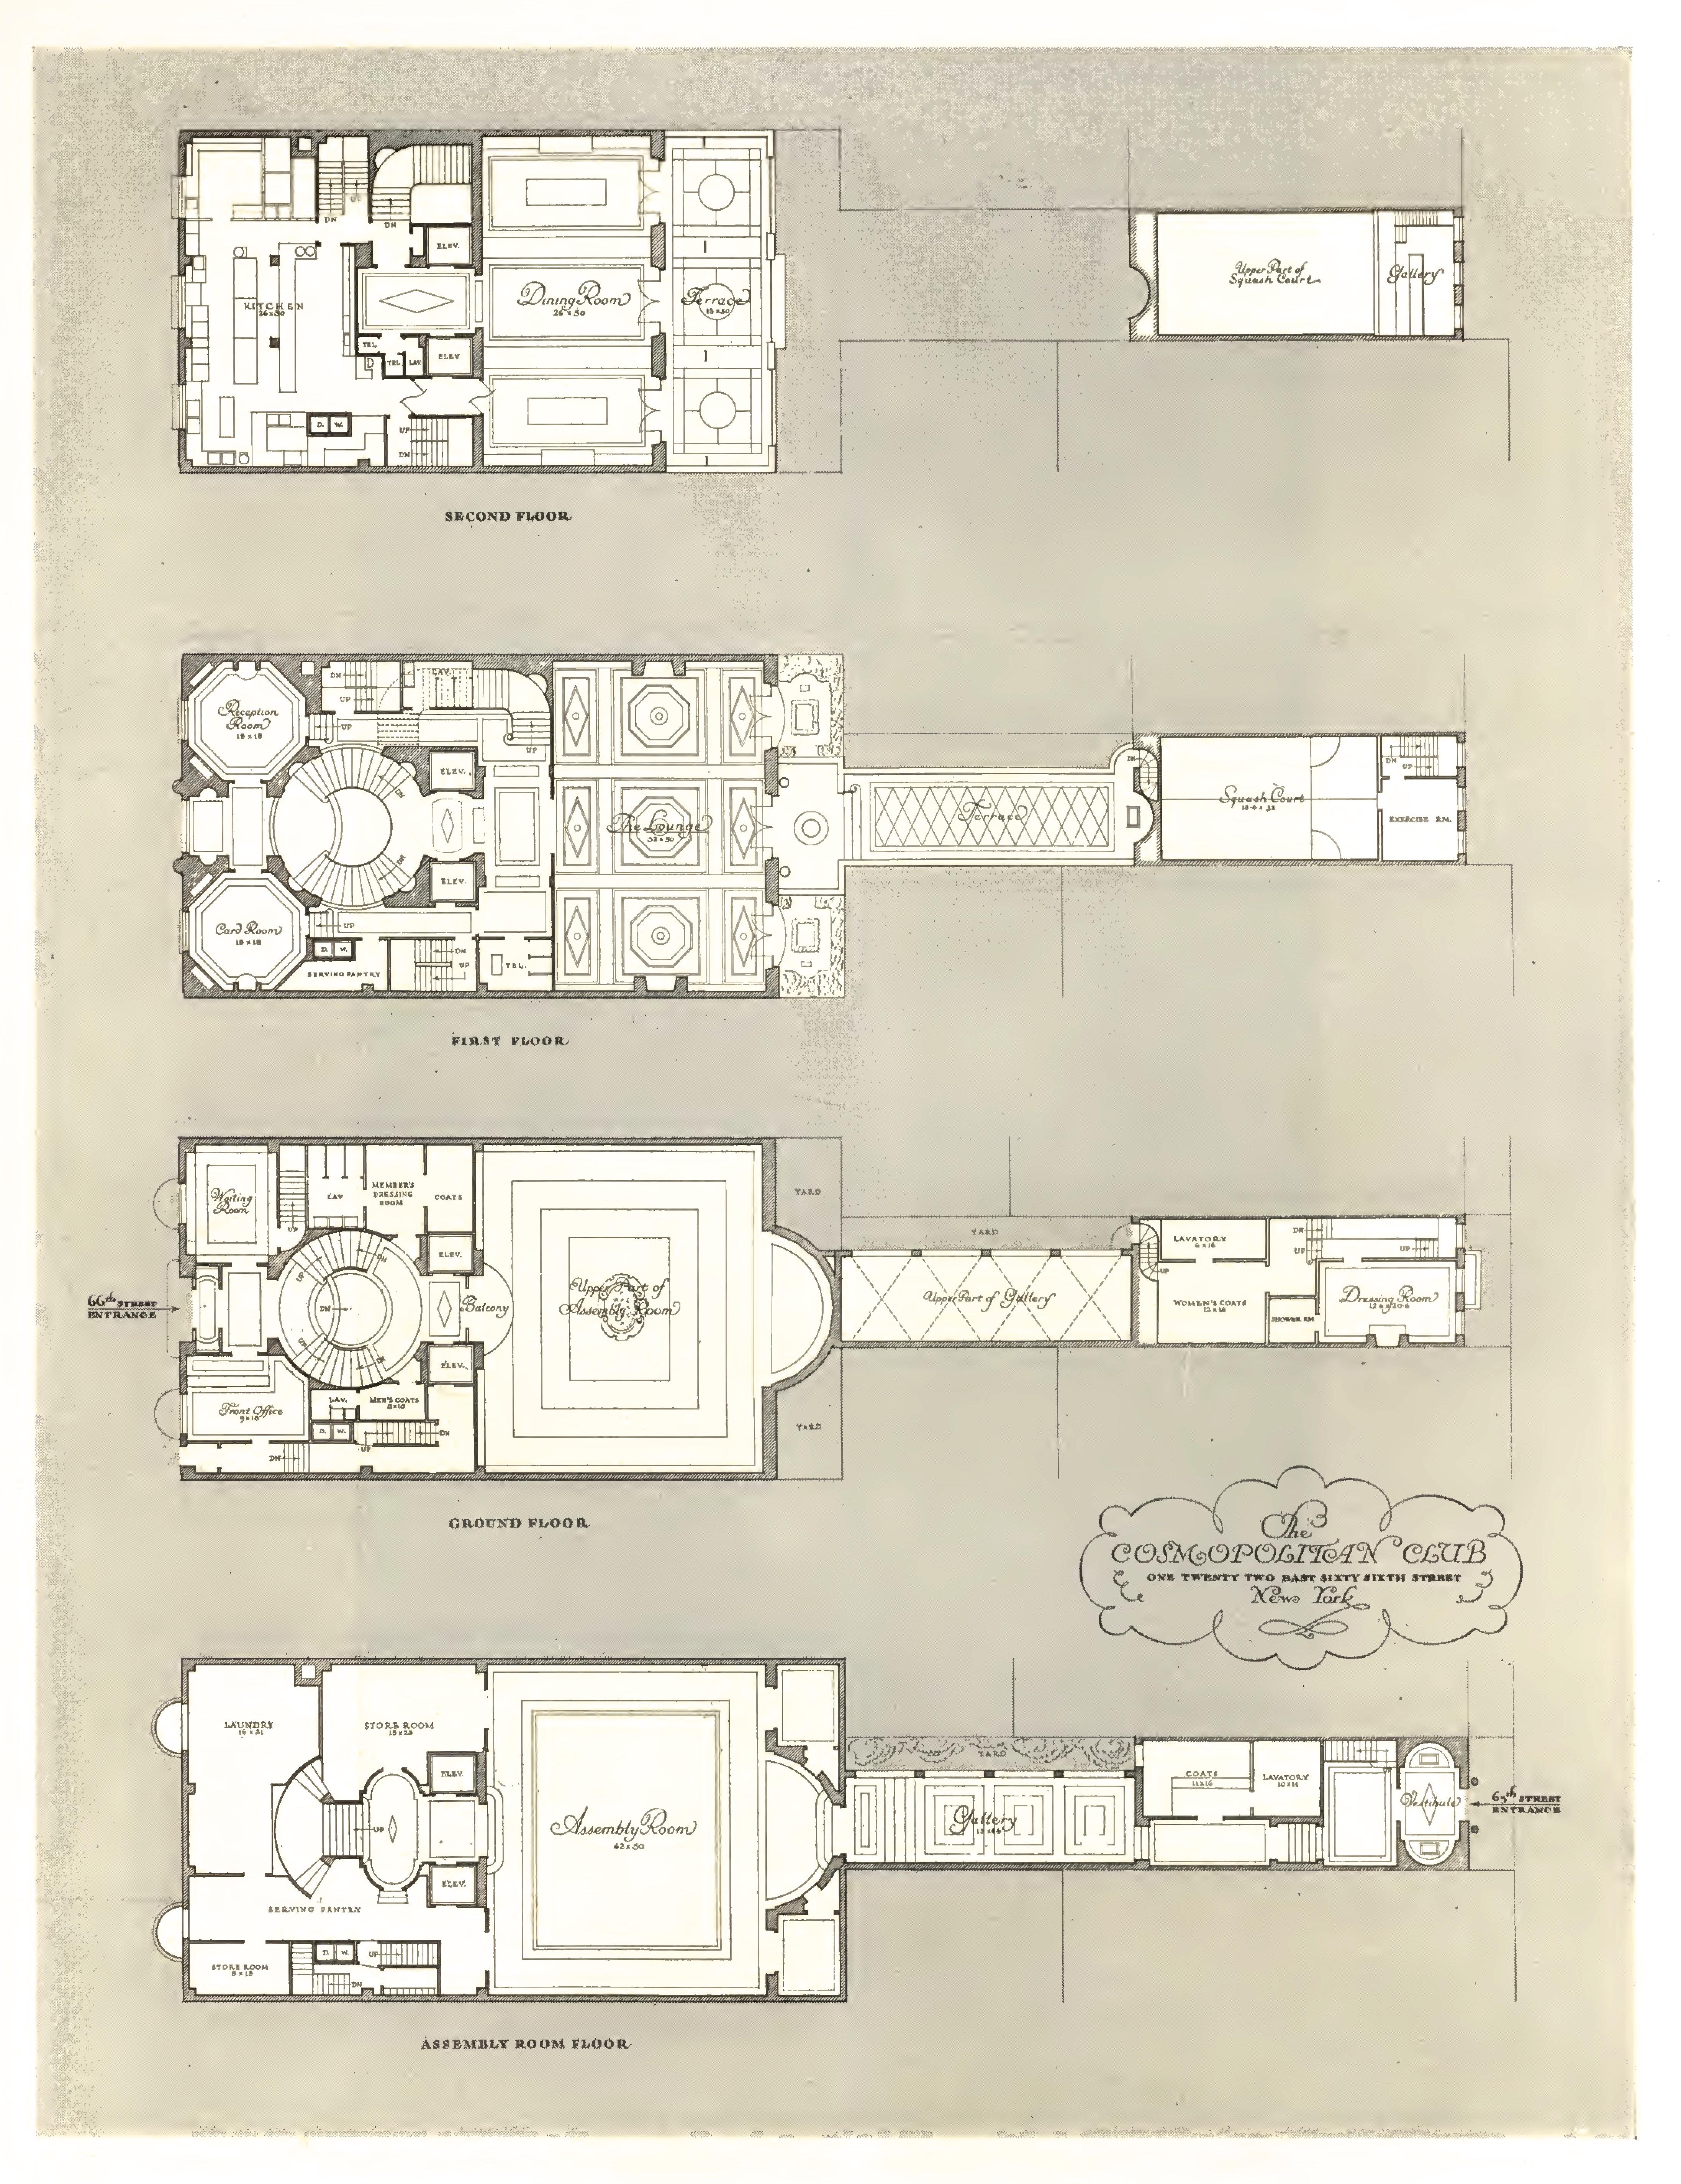 File Cosmopolitan Club Floor Plans 1933 Jpg Wikipedia